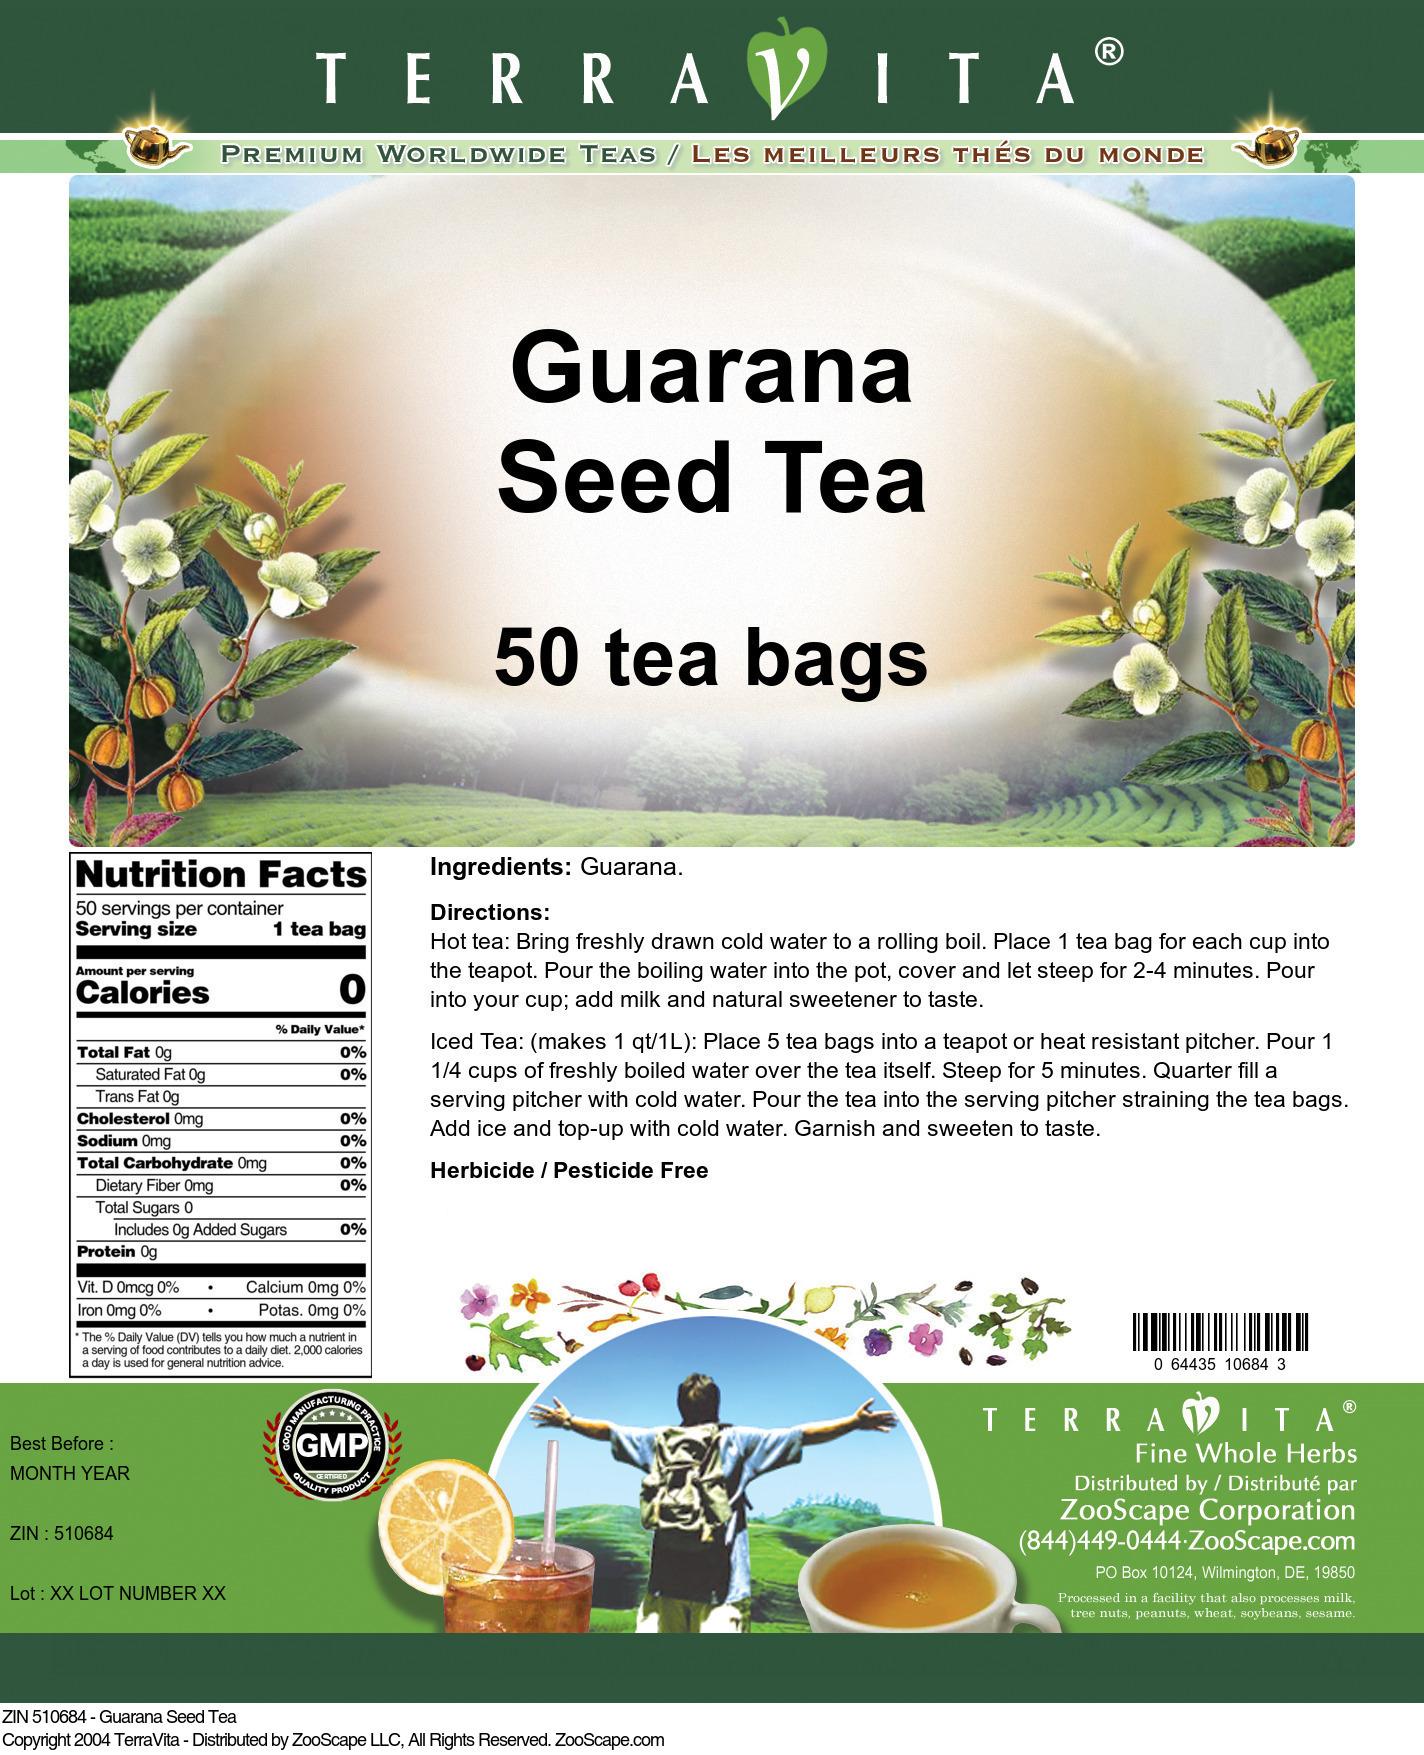 Guarana Seed Tea